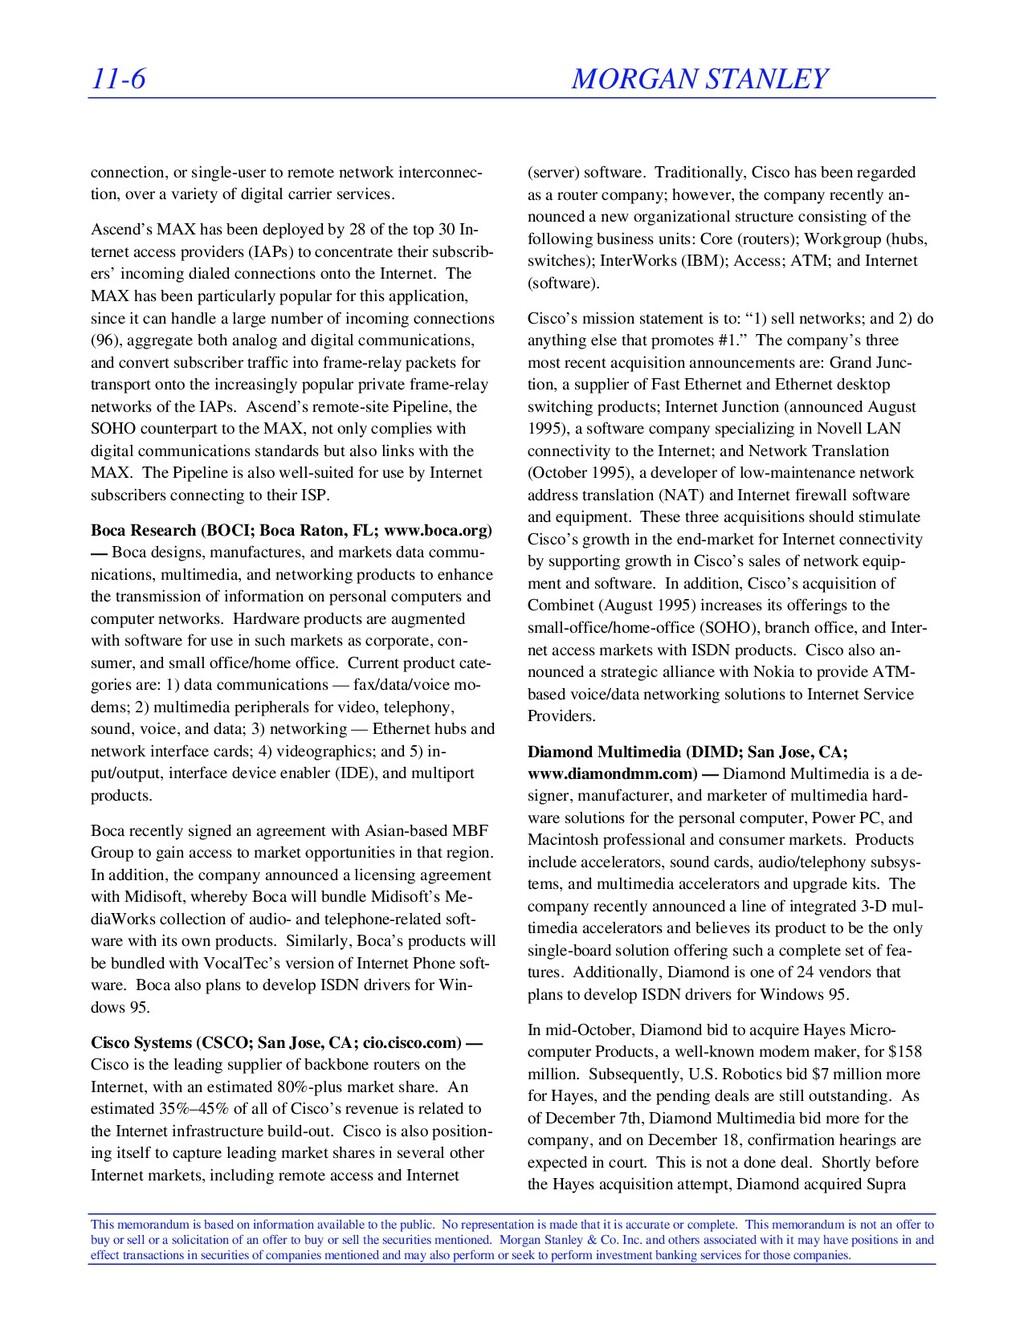 11-6 MORGAN STANLEY This memorandum is based on...